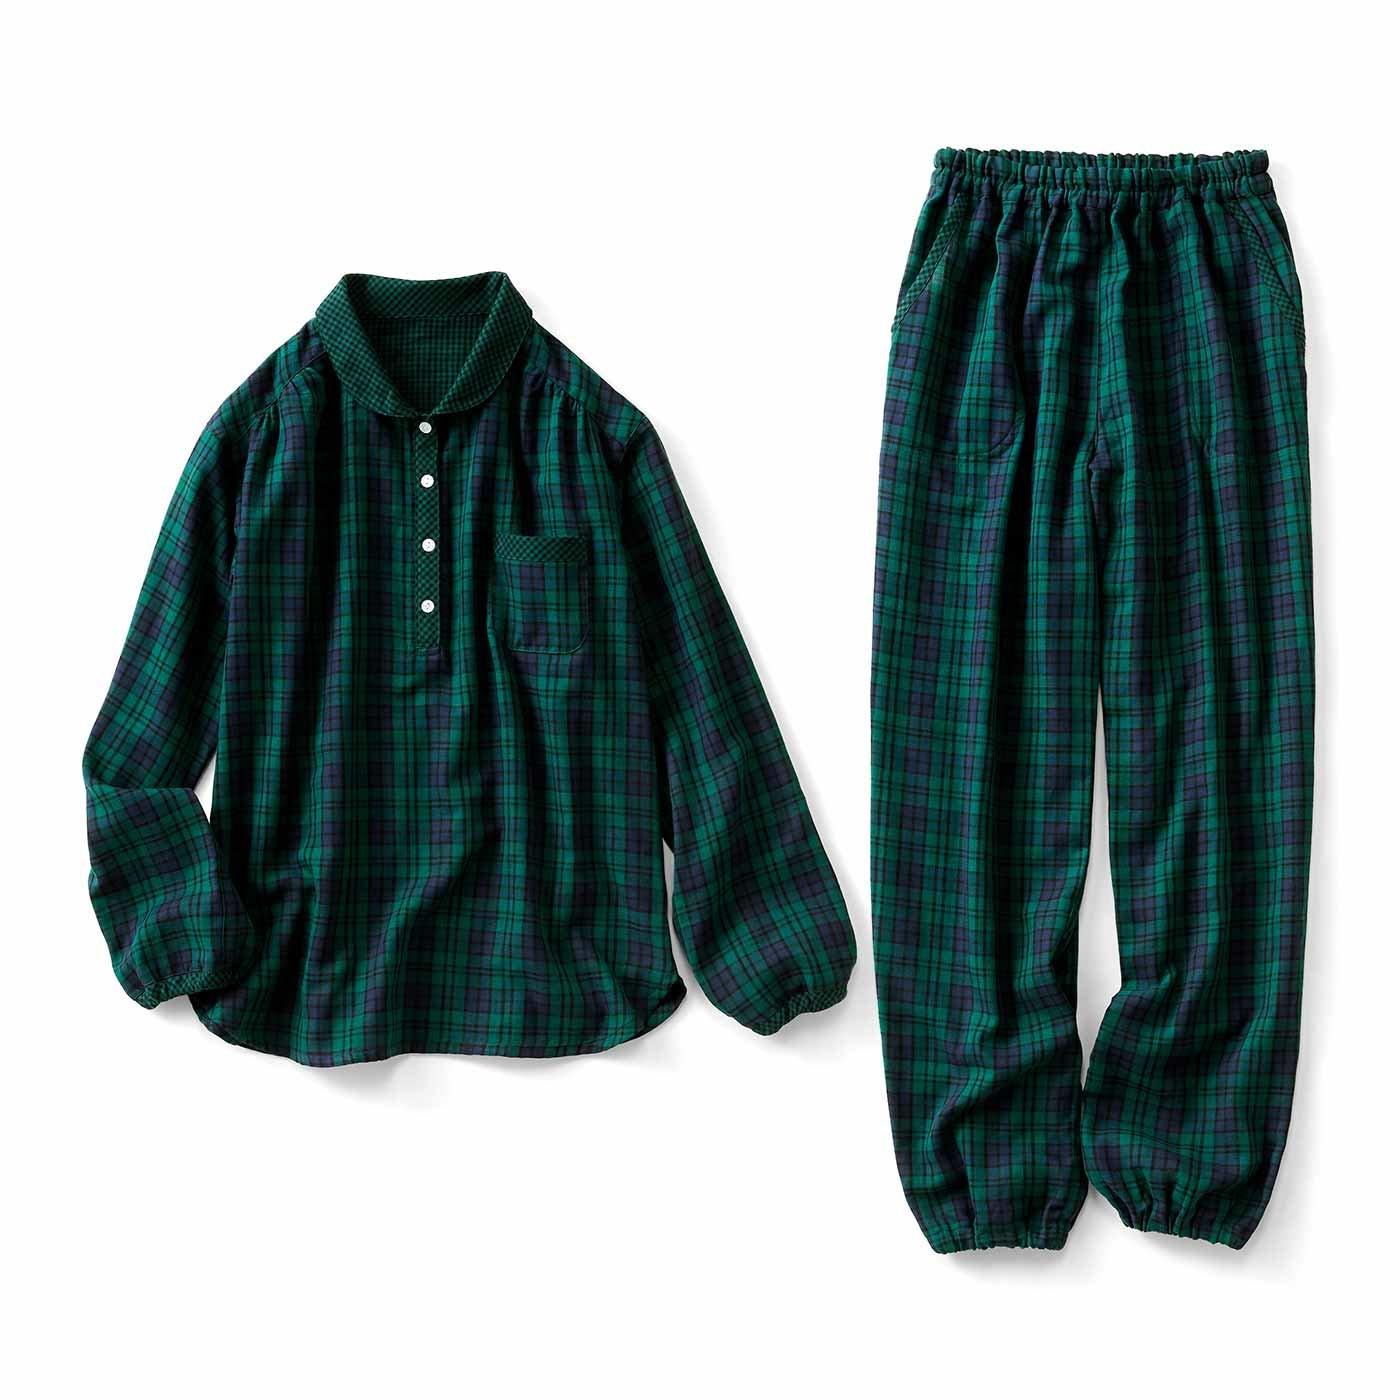 リブ イン コンフォート 一日中着ていたい心地よさ! 衿付きふかふかダブルガーゼ チェックパジャマの会